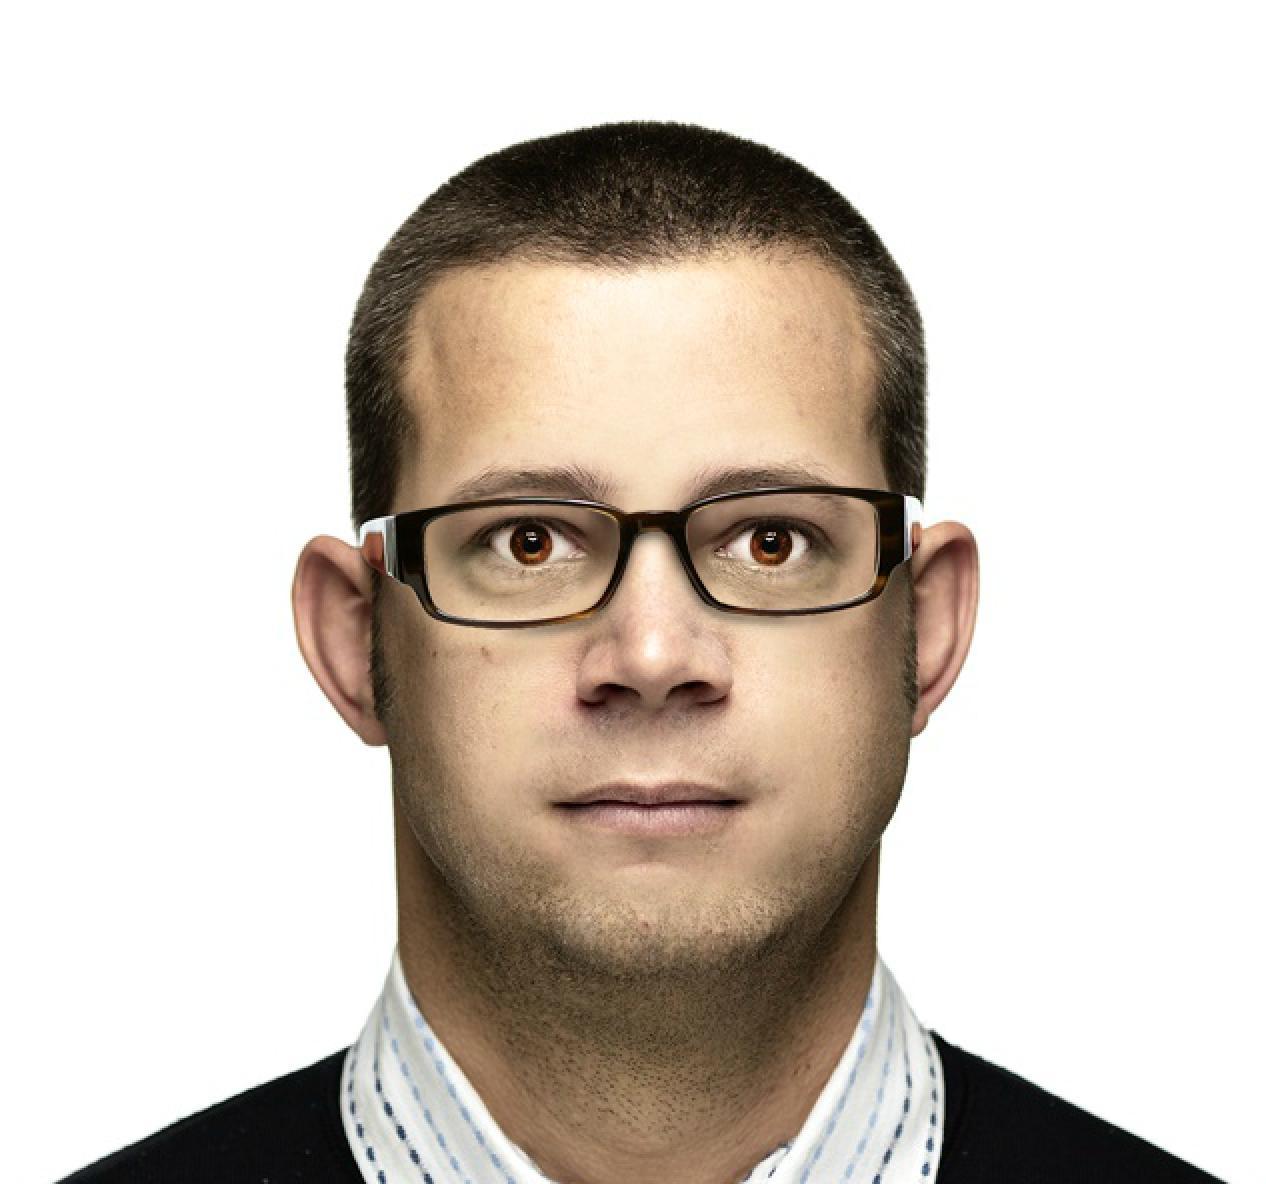 Можно ли возращать очки если не подошли Гречков К.В.